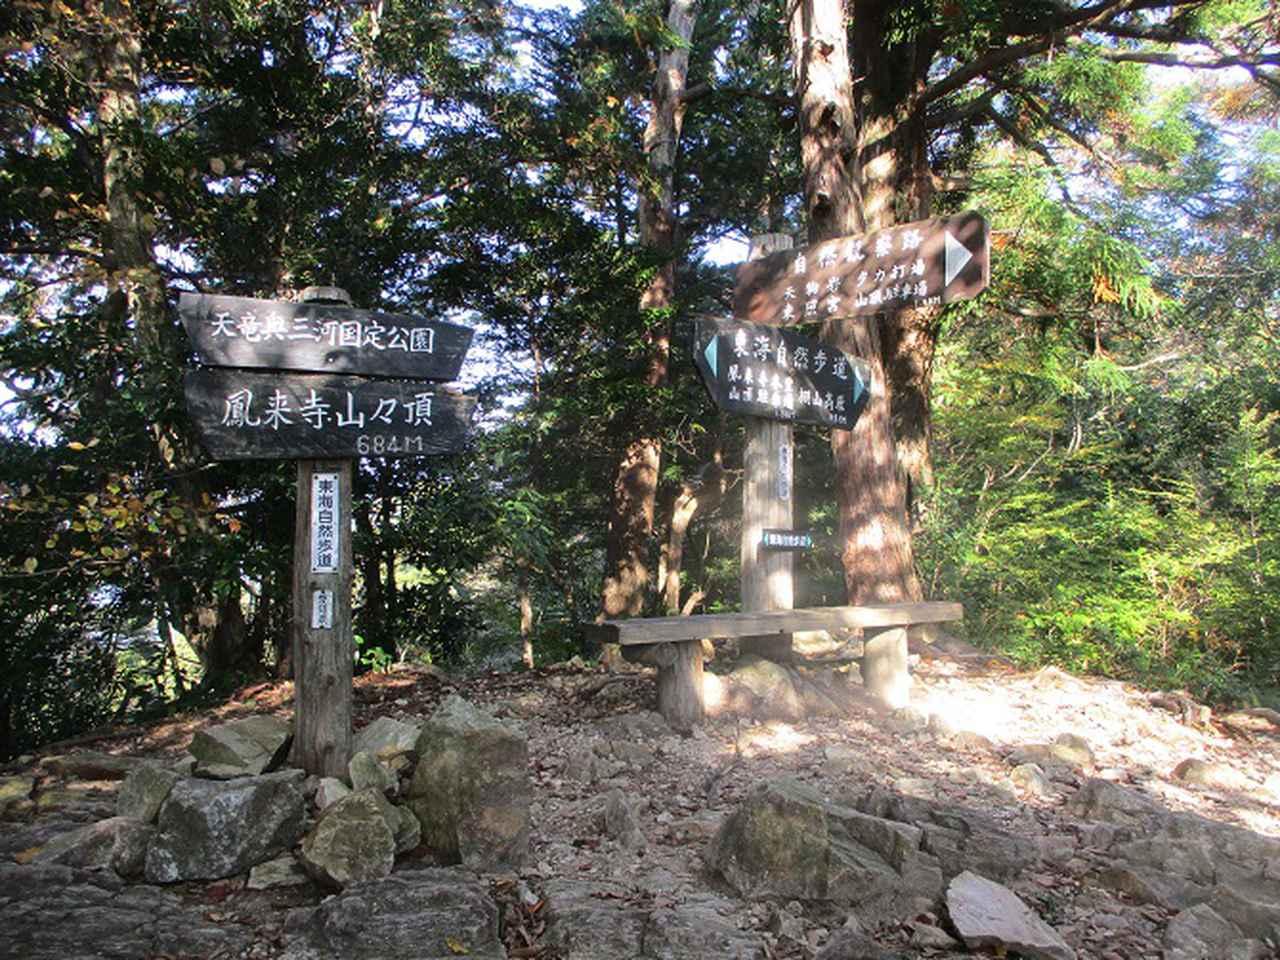 画像6: 11月の山旅会 「香嵐渓と鳳来寺山」 の下見に行ってきました!